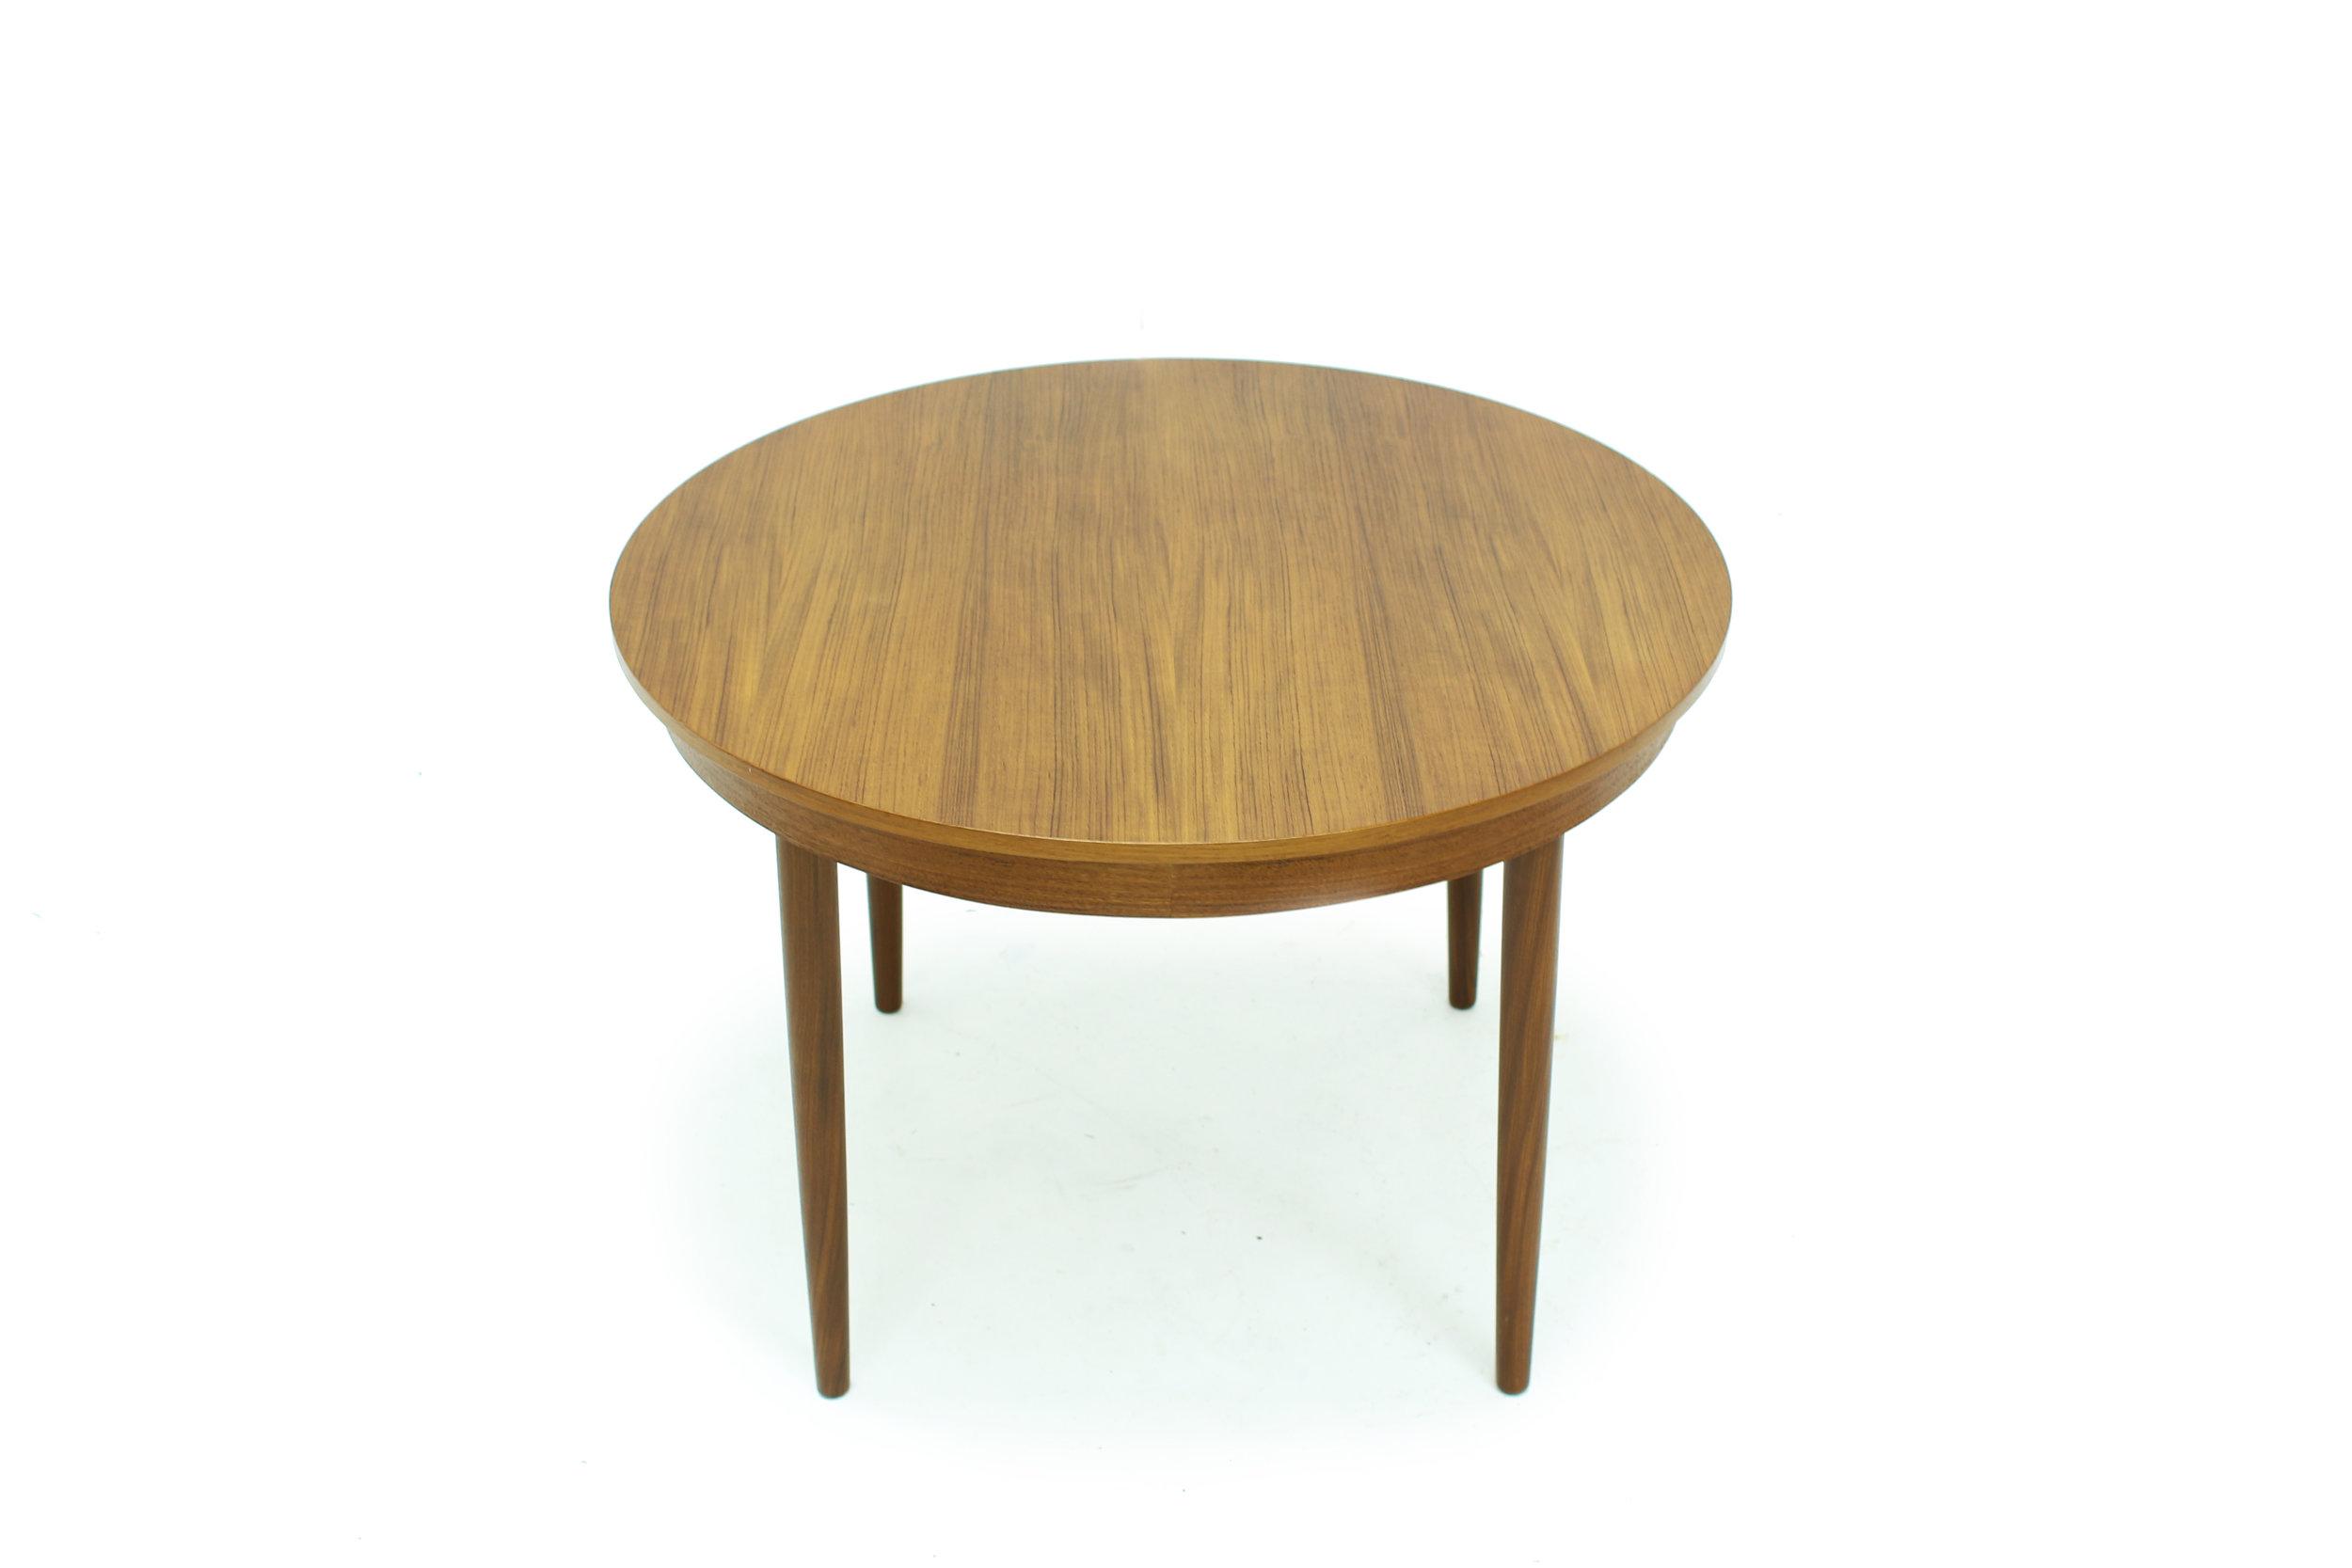 MCM Round Teak Dining Table Made in Denmark(1).jpg